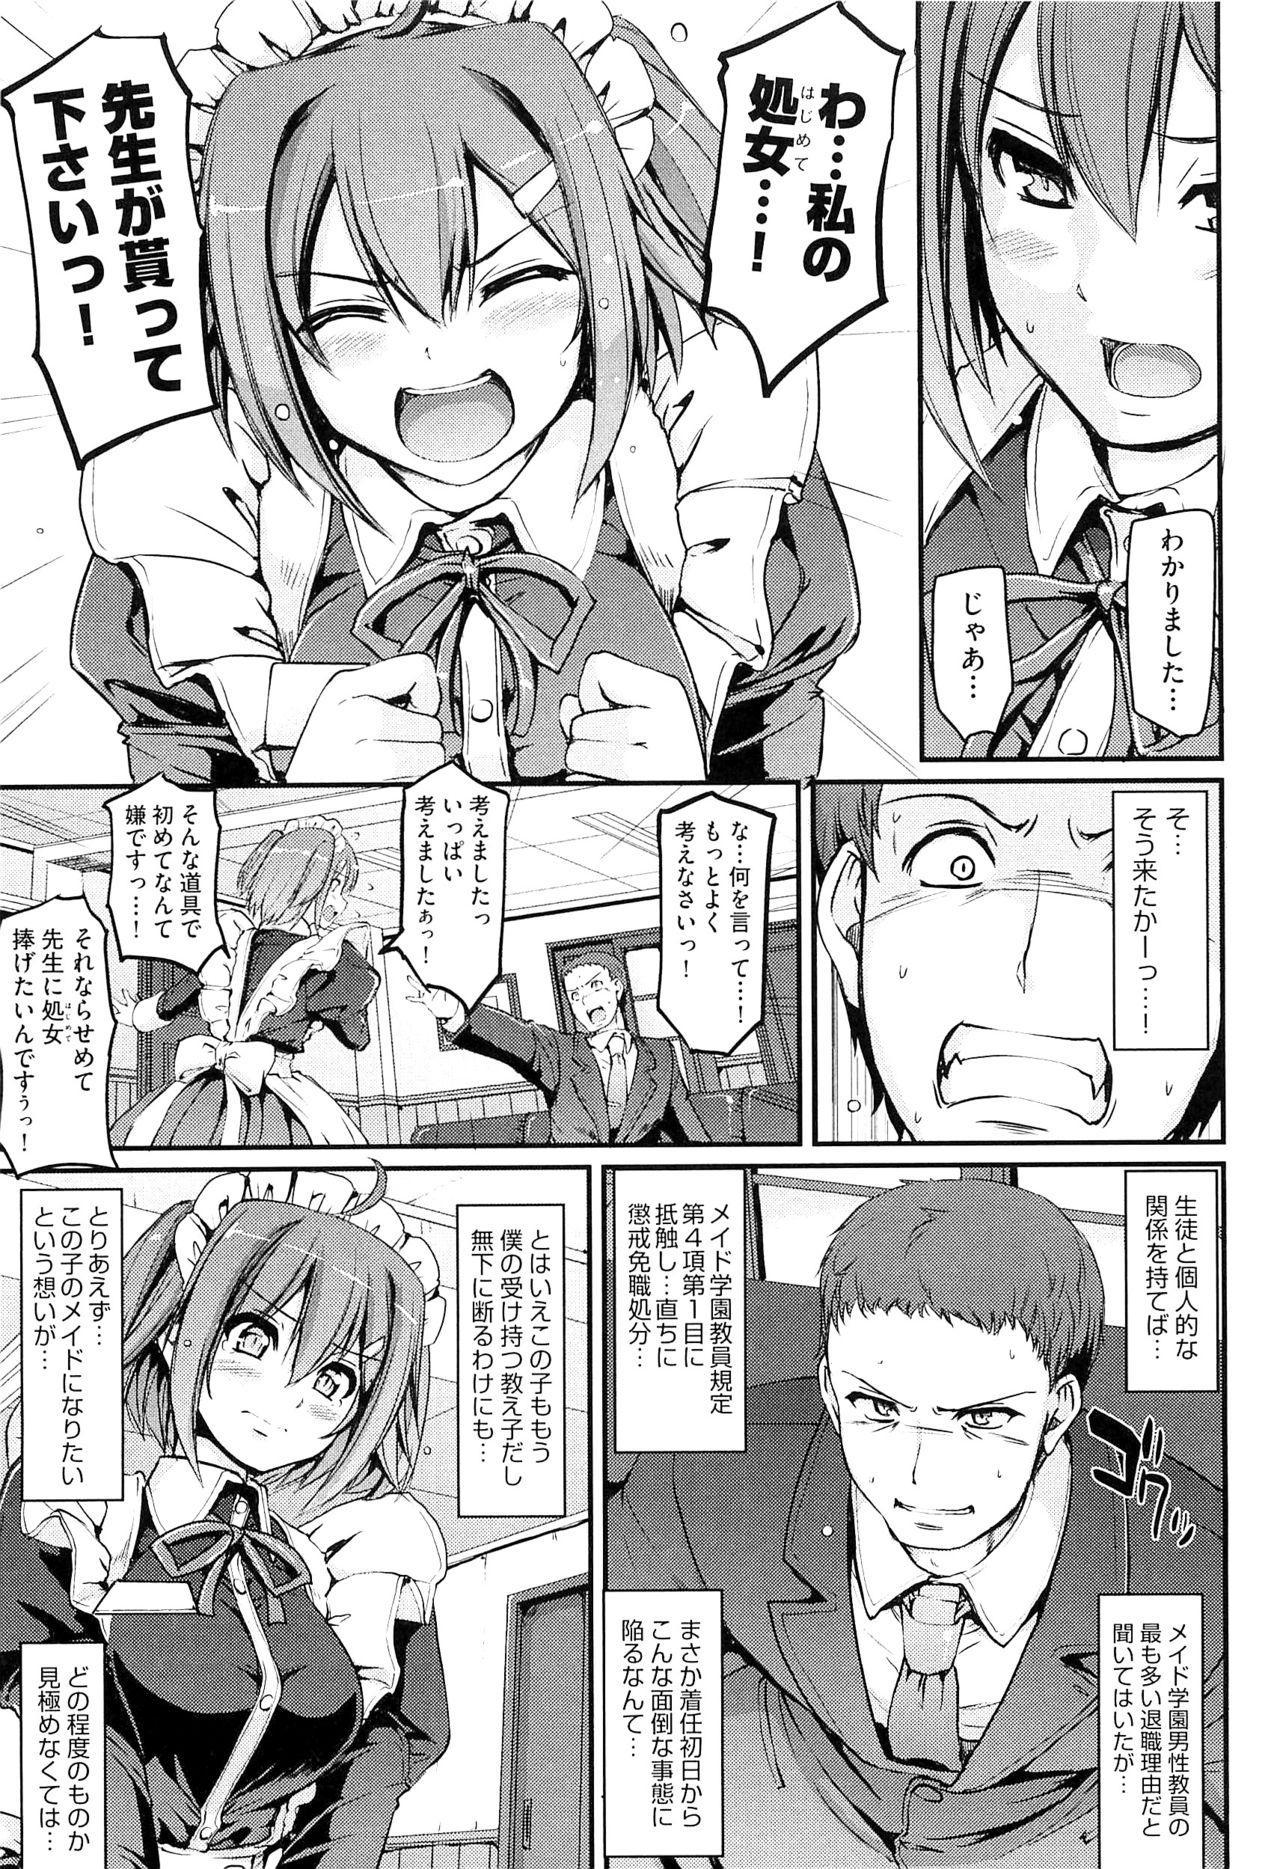 Maid Gakuen e Youkoso!! - Welcome to Maid Academy 22